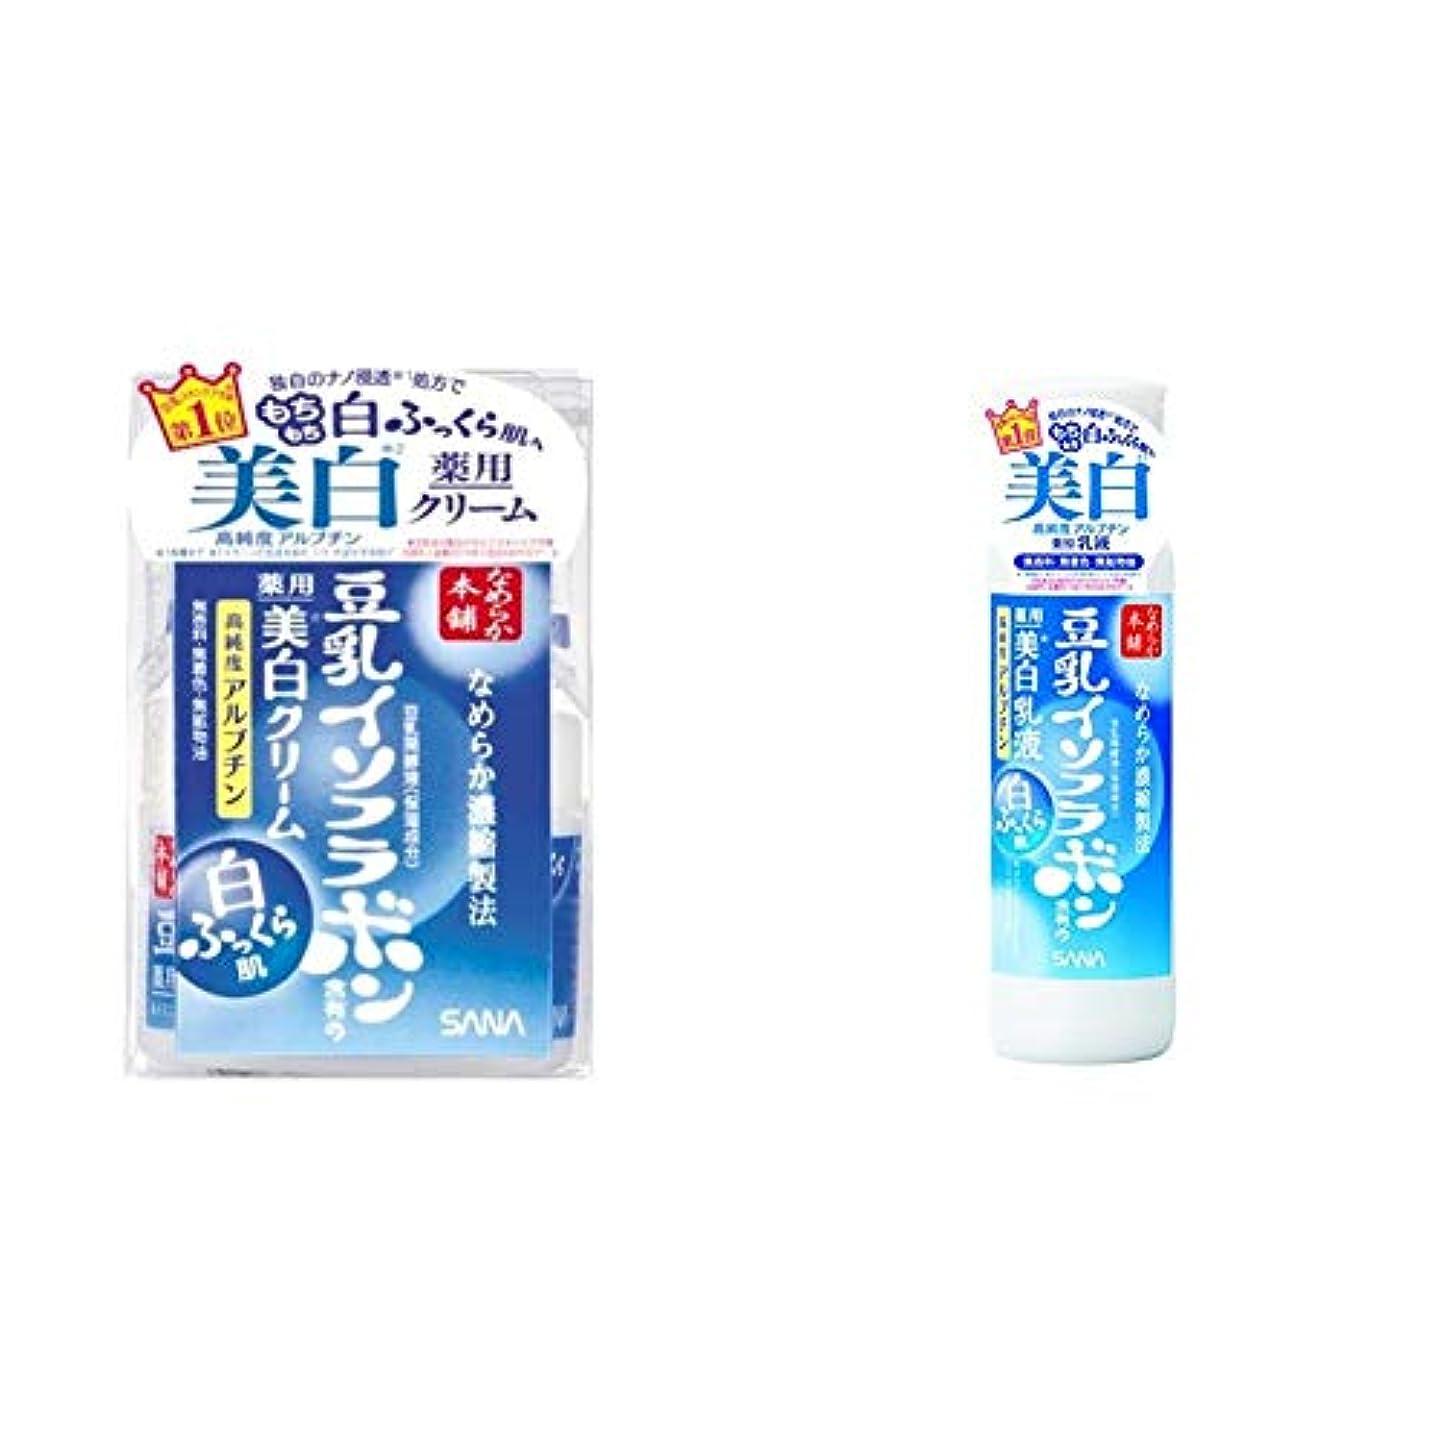 レイプおんどり制限するなめらか本舗 薬用美白クリーム 50g & 薬用美白乳液 150ml